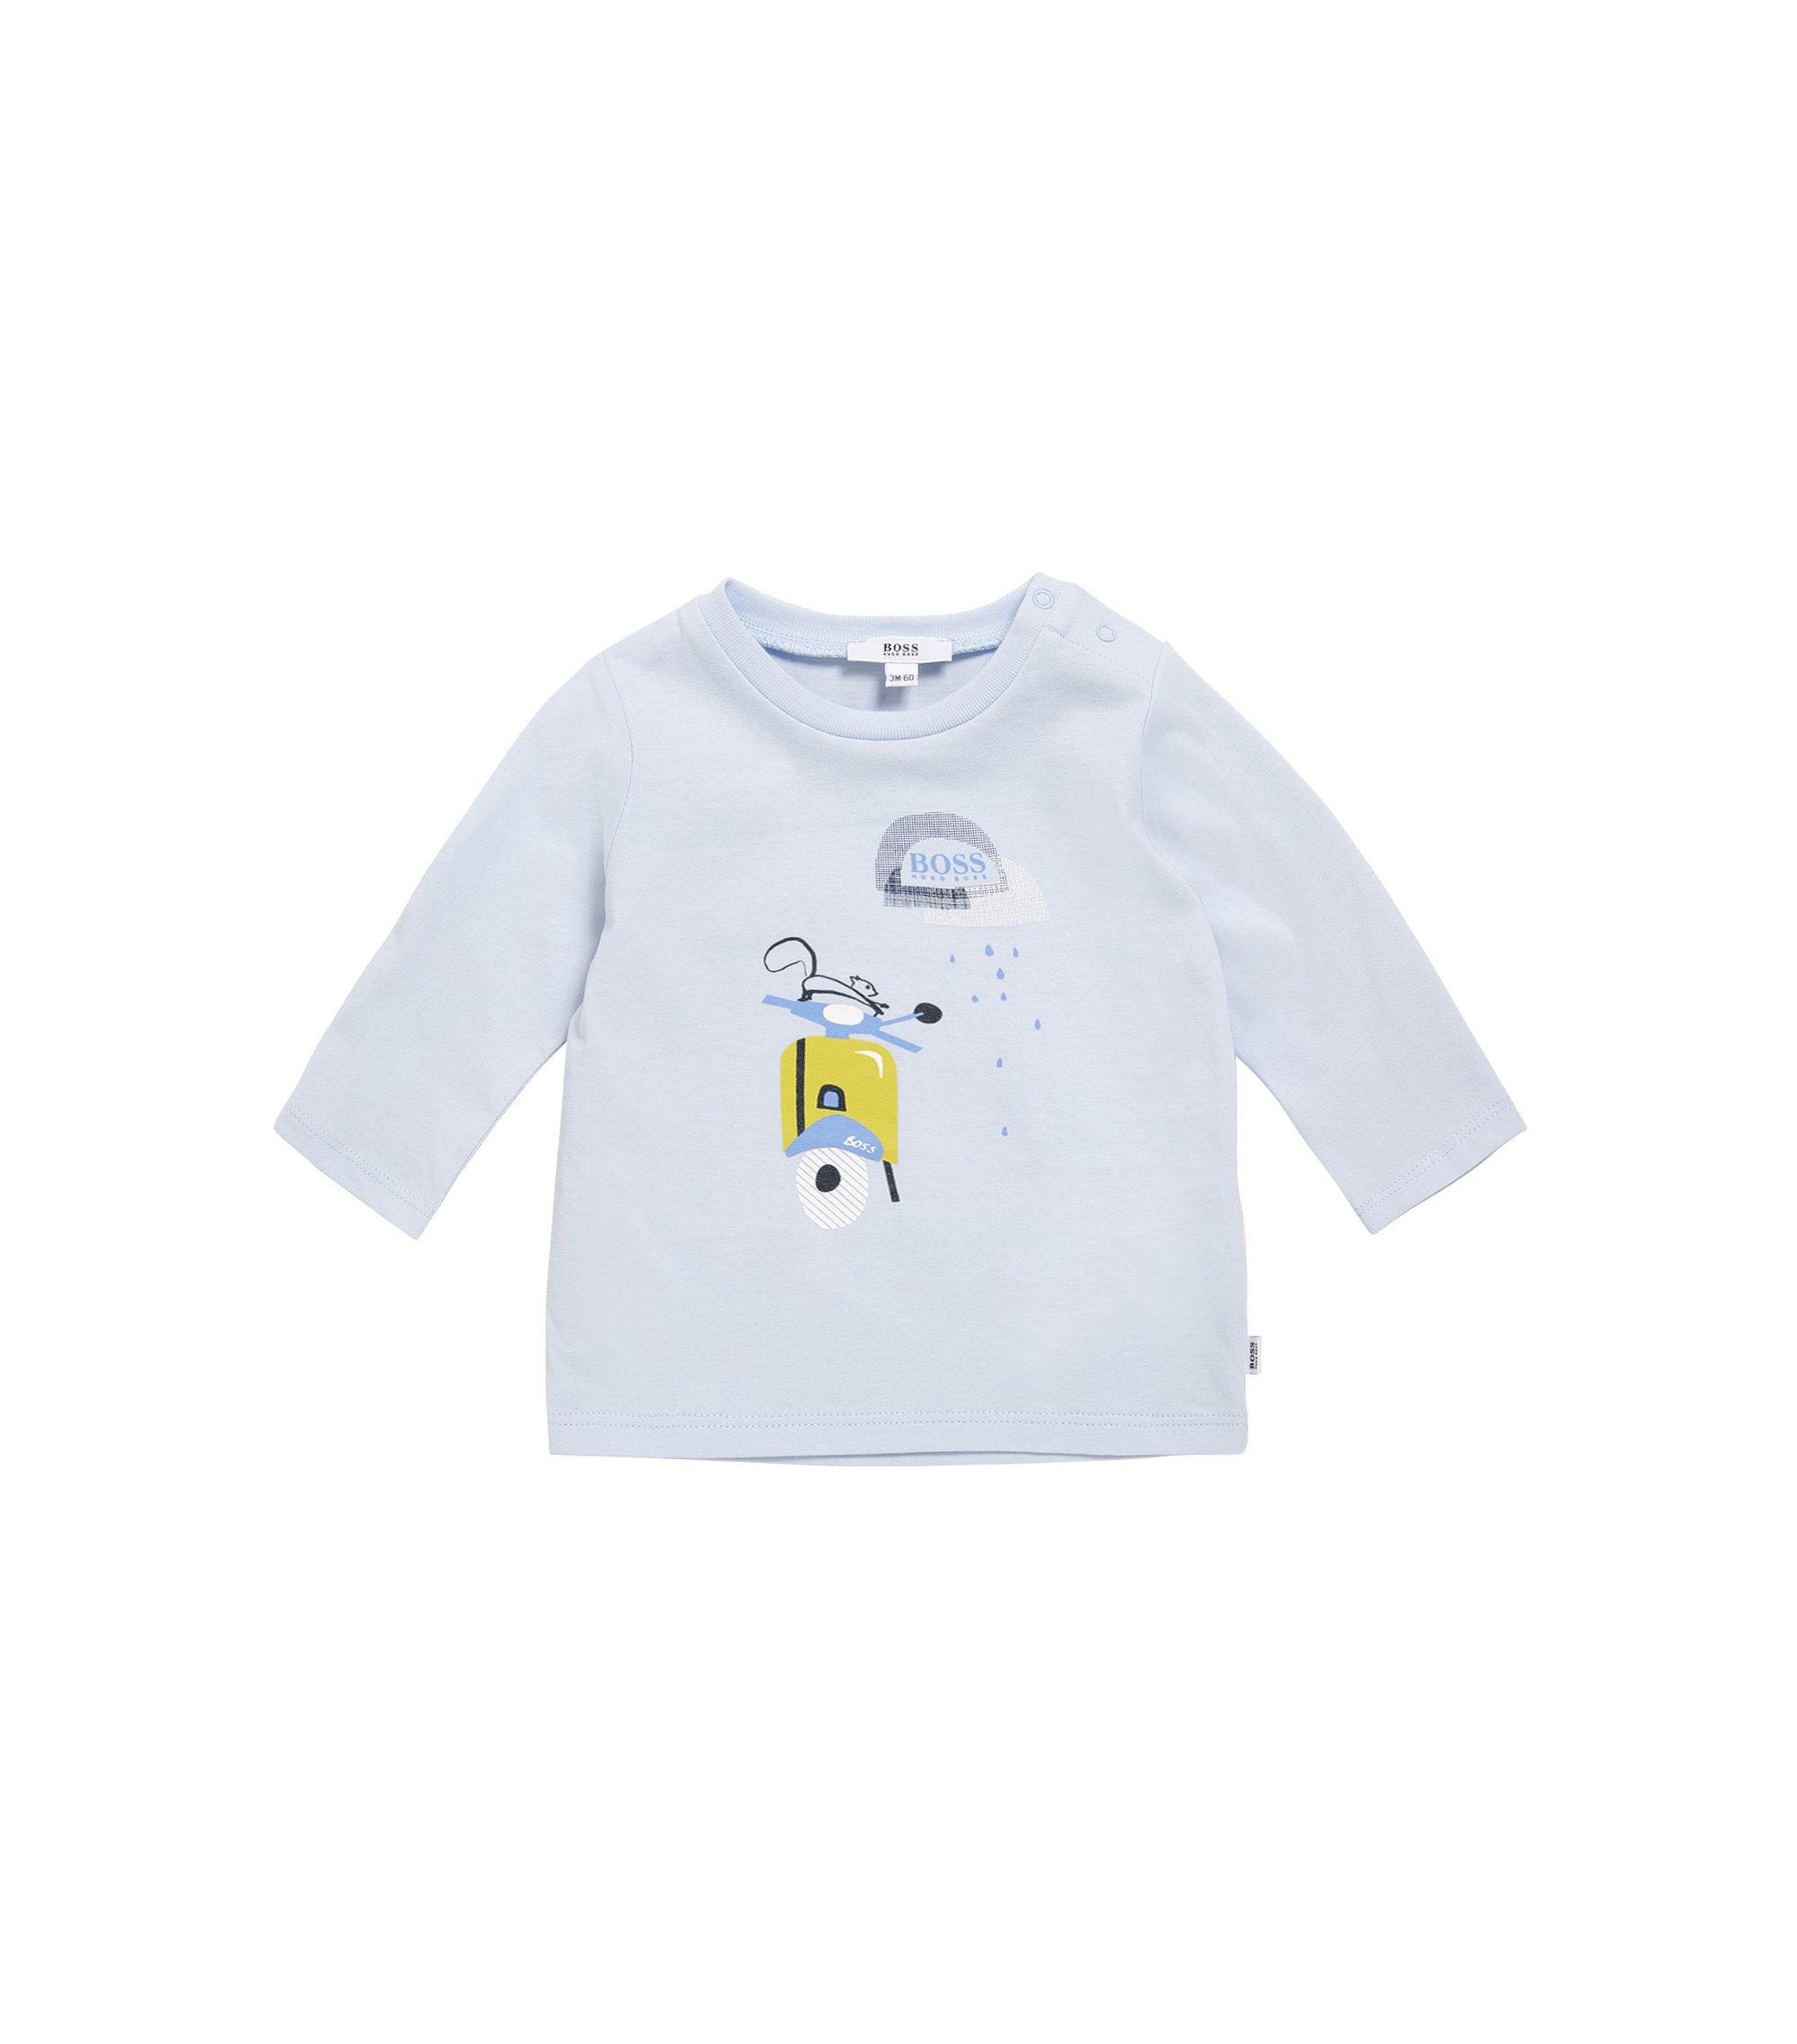 Baby-Longsleeve aus Baumwolle mit Print: 'J95209', Hellblau